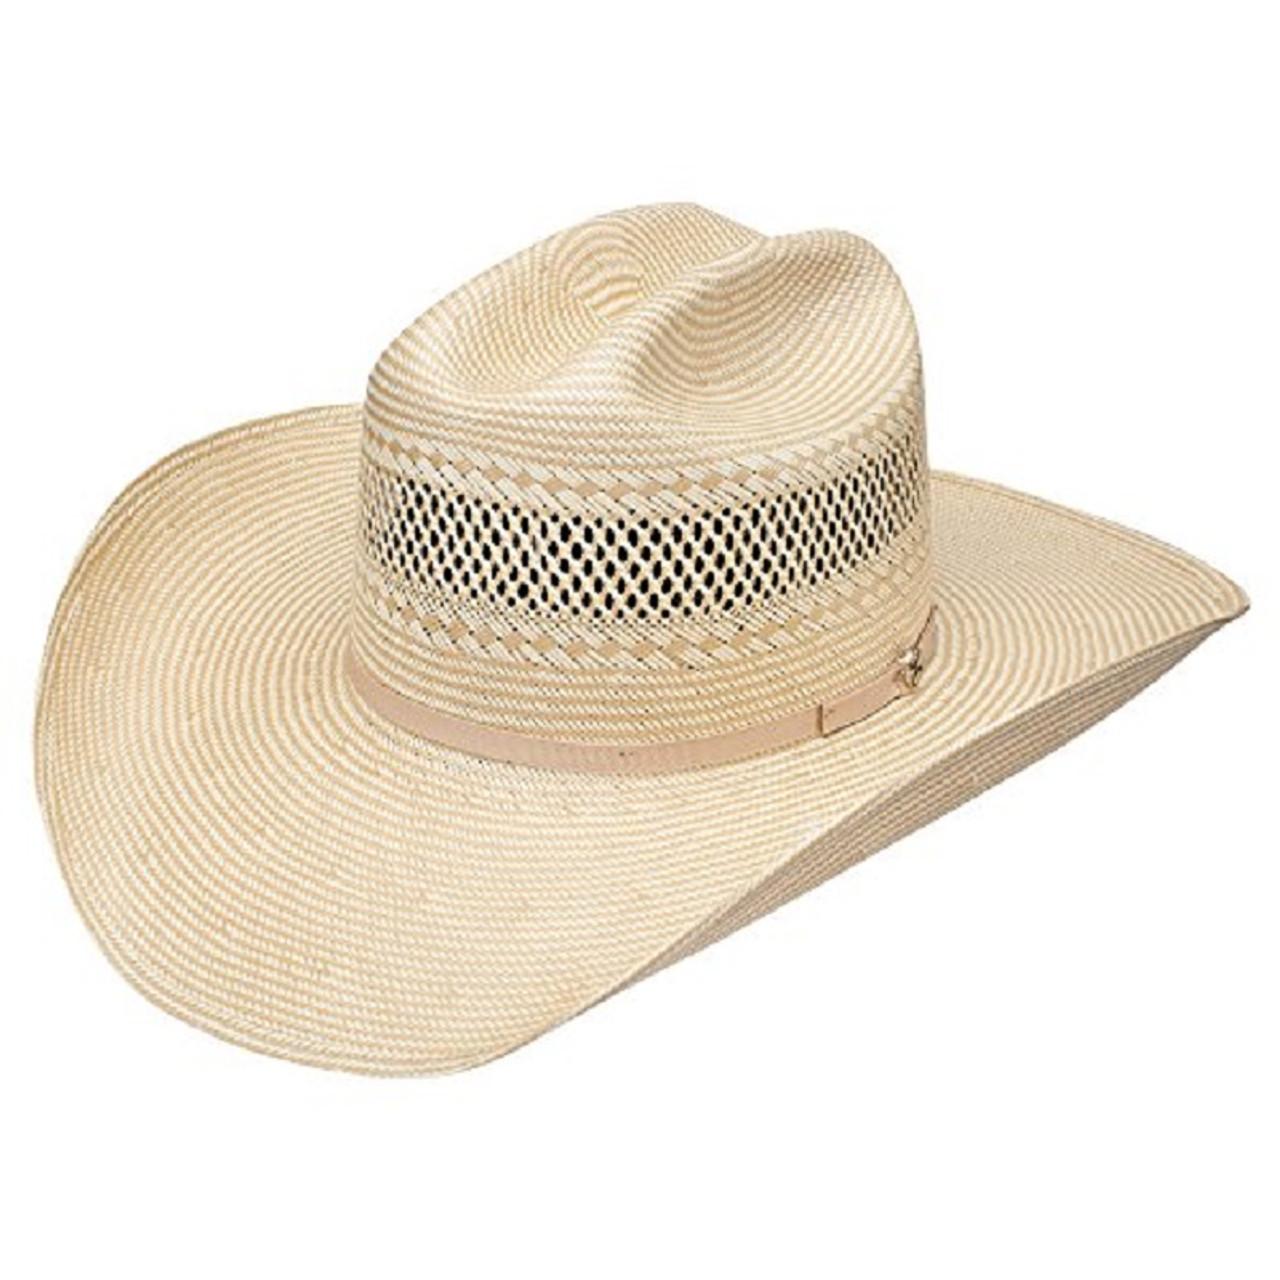 Hooey Ruidoso Two-Tone Straw Cowboy Hat 9afdfd801739